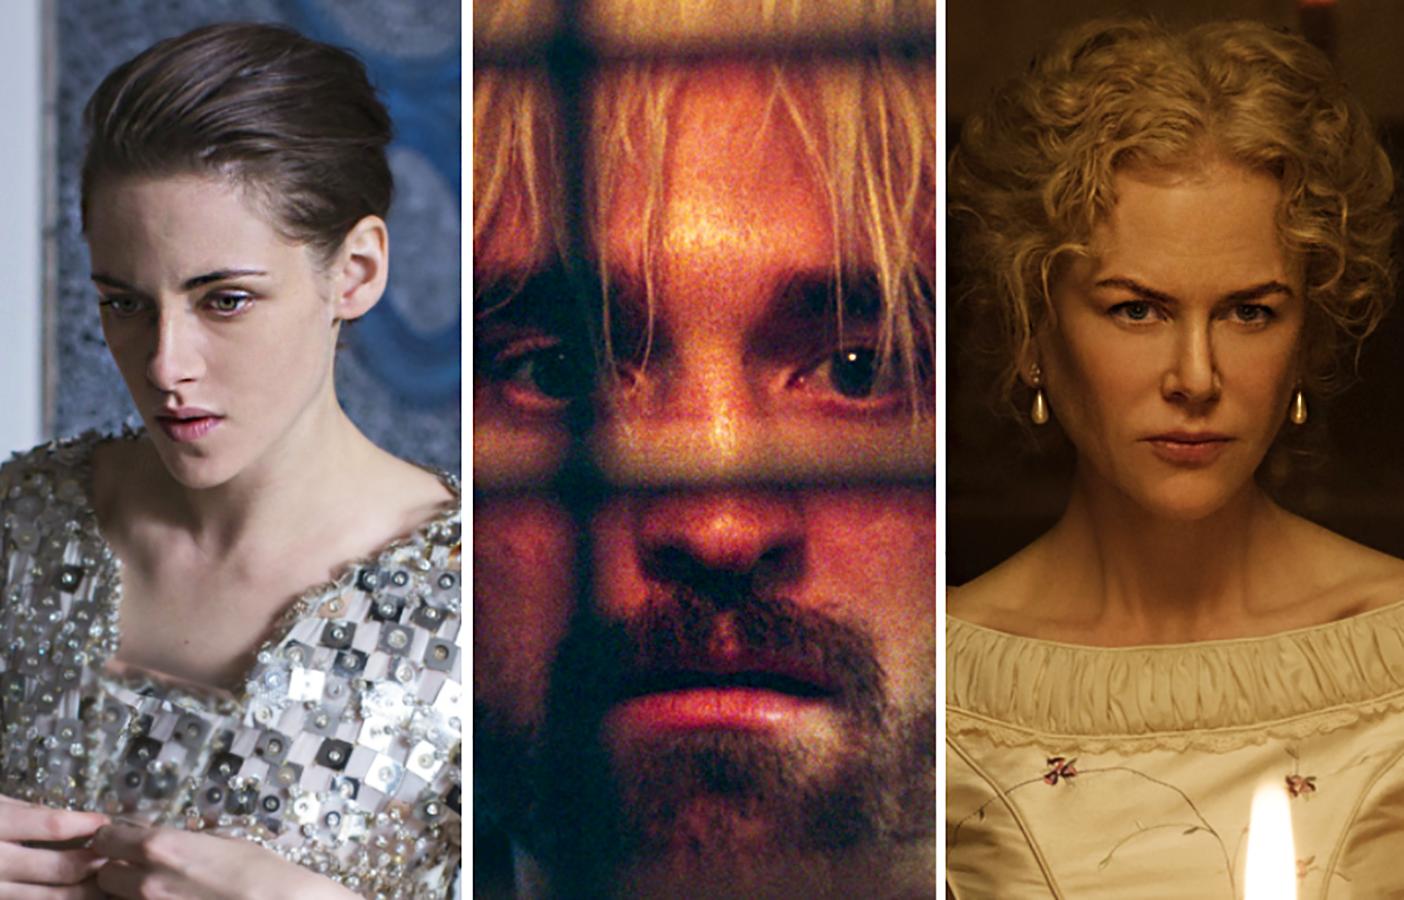 ۱۷ فیلمی که در اسکار ۲۰۱۸ نادیده گرفته شدند